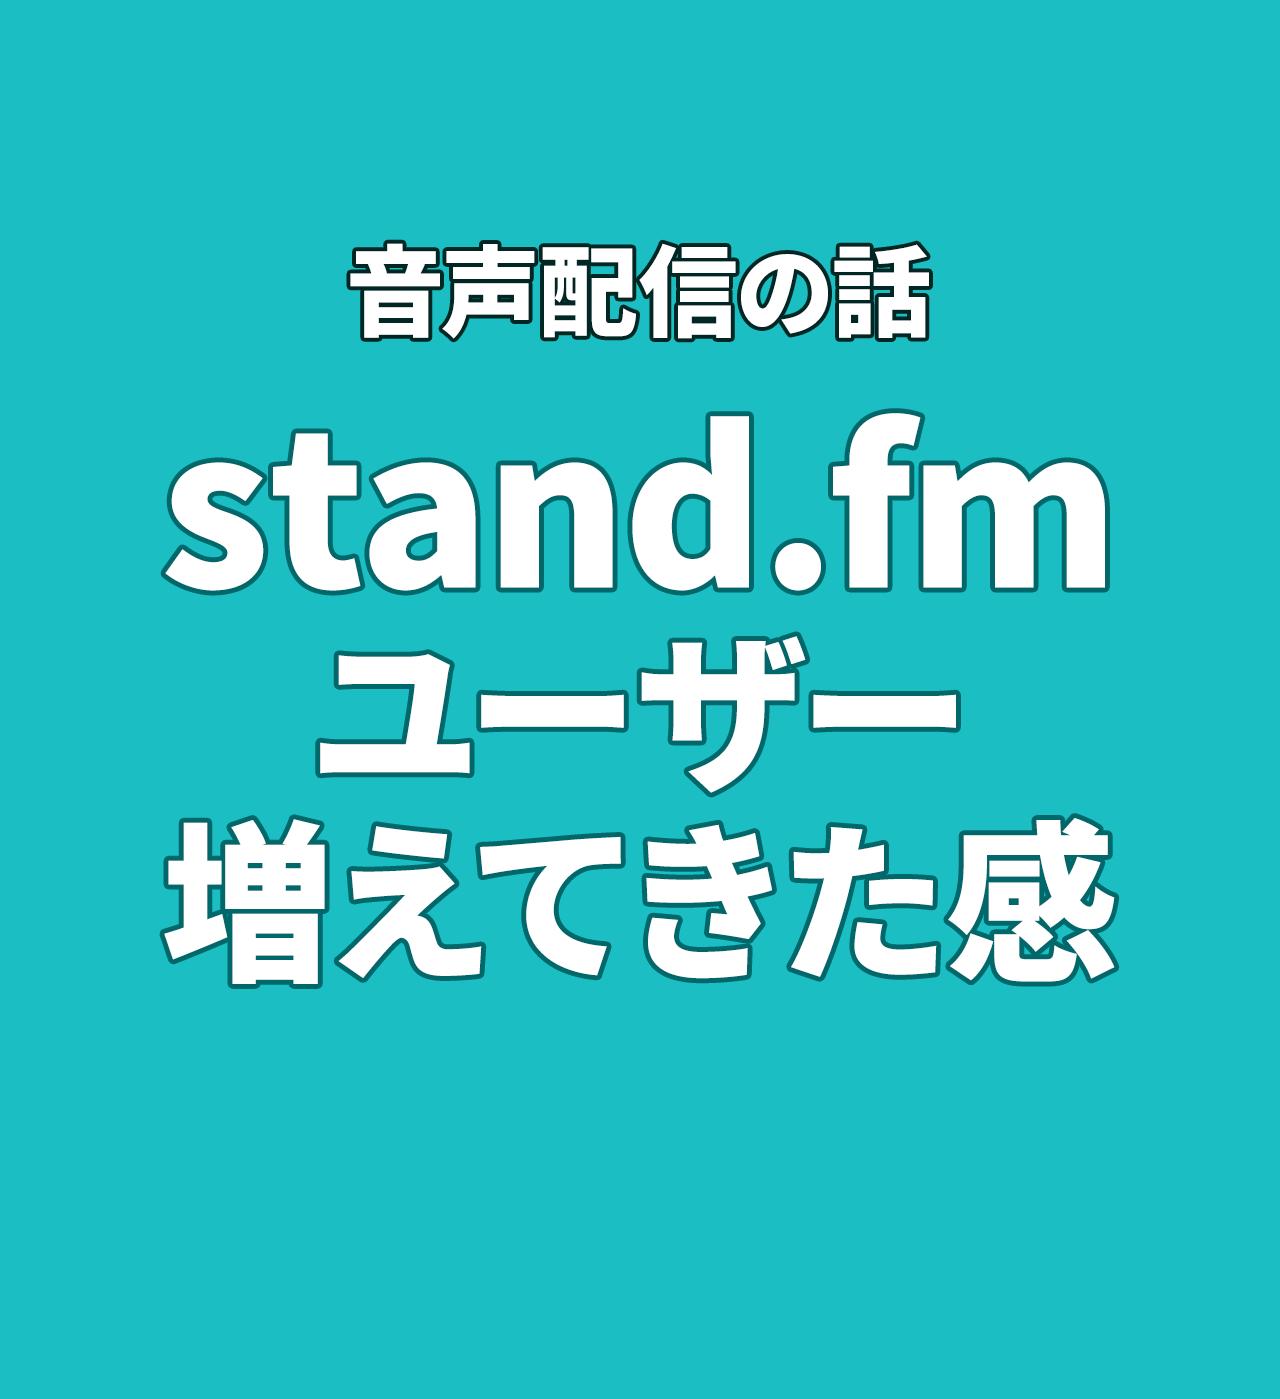 stand.fmユーザーがまた増え始めた感がある